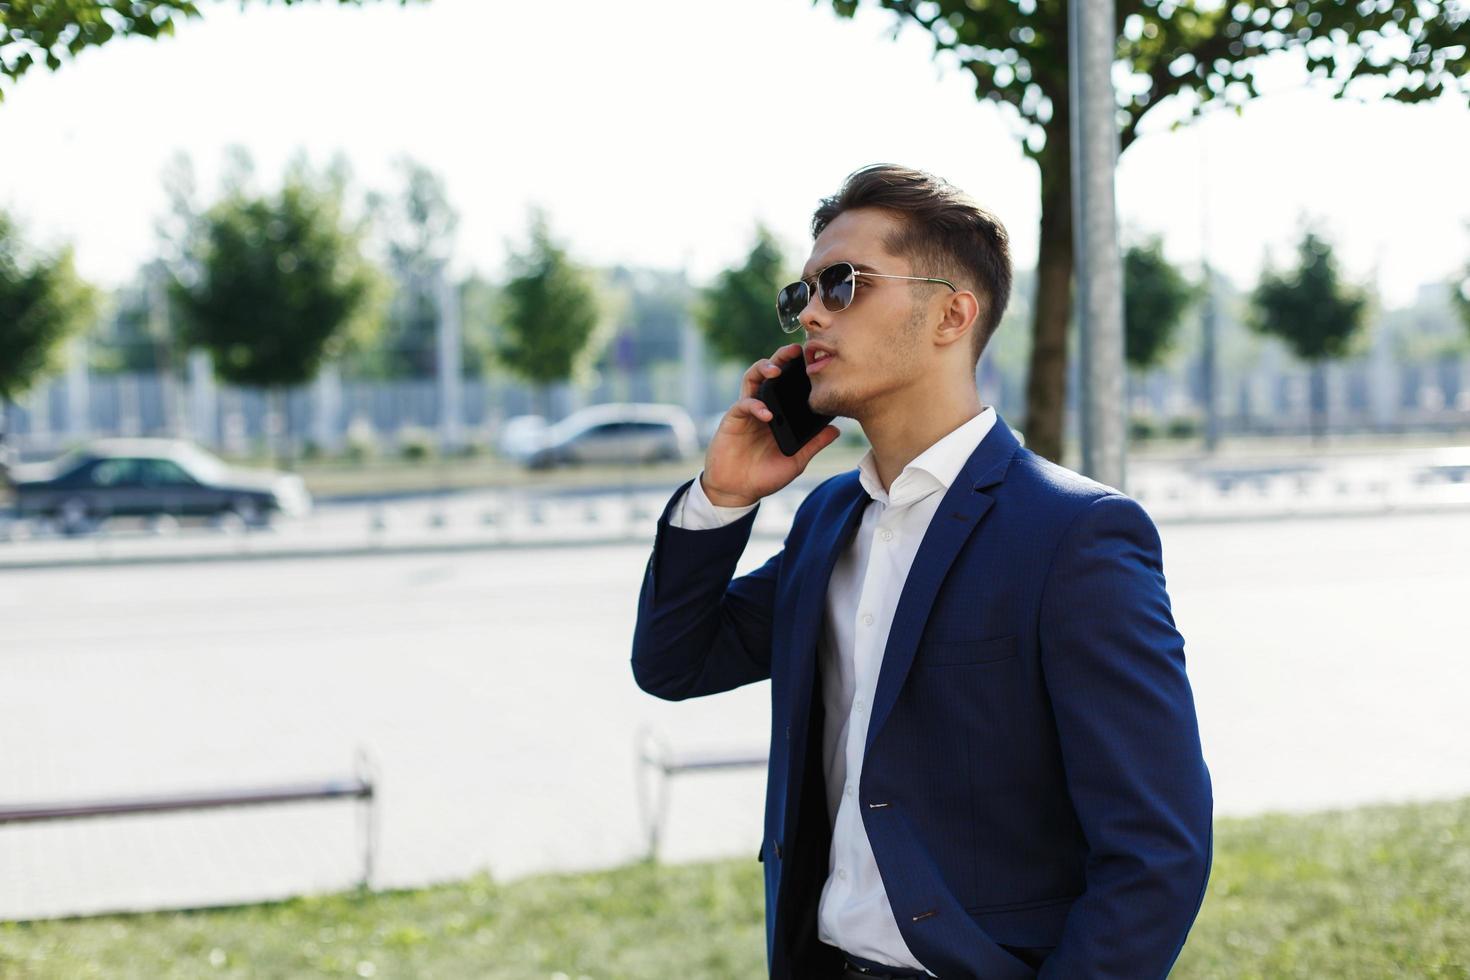 homme en costume d & # 39; affaires parlant au téléphone photo